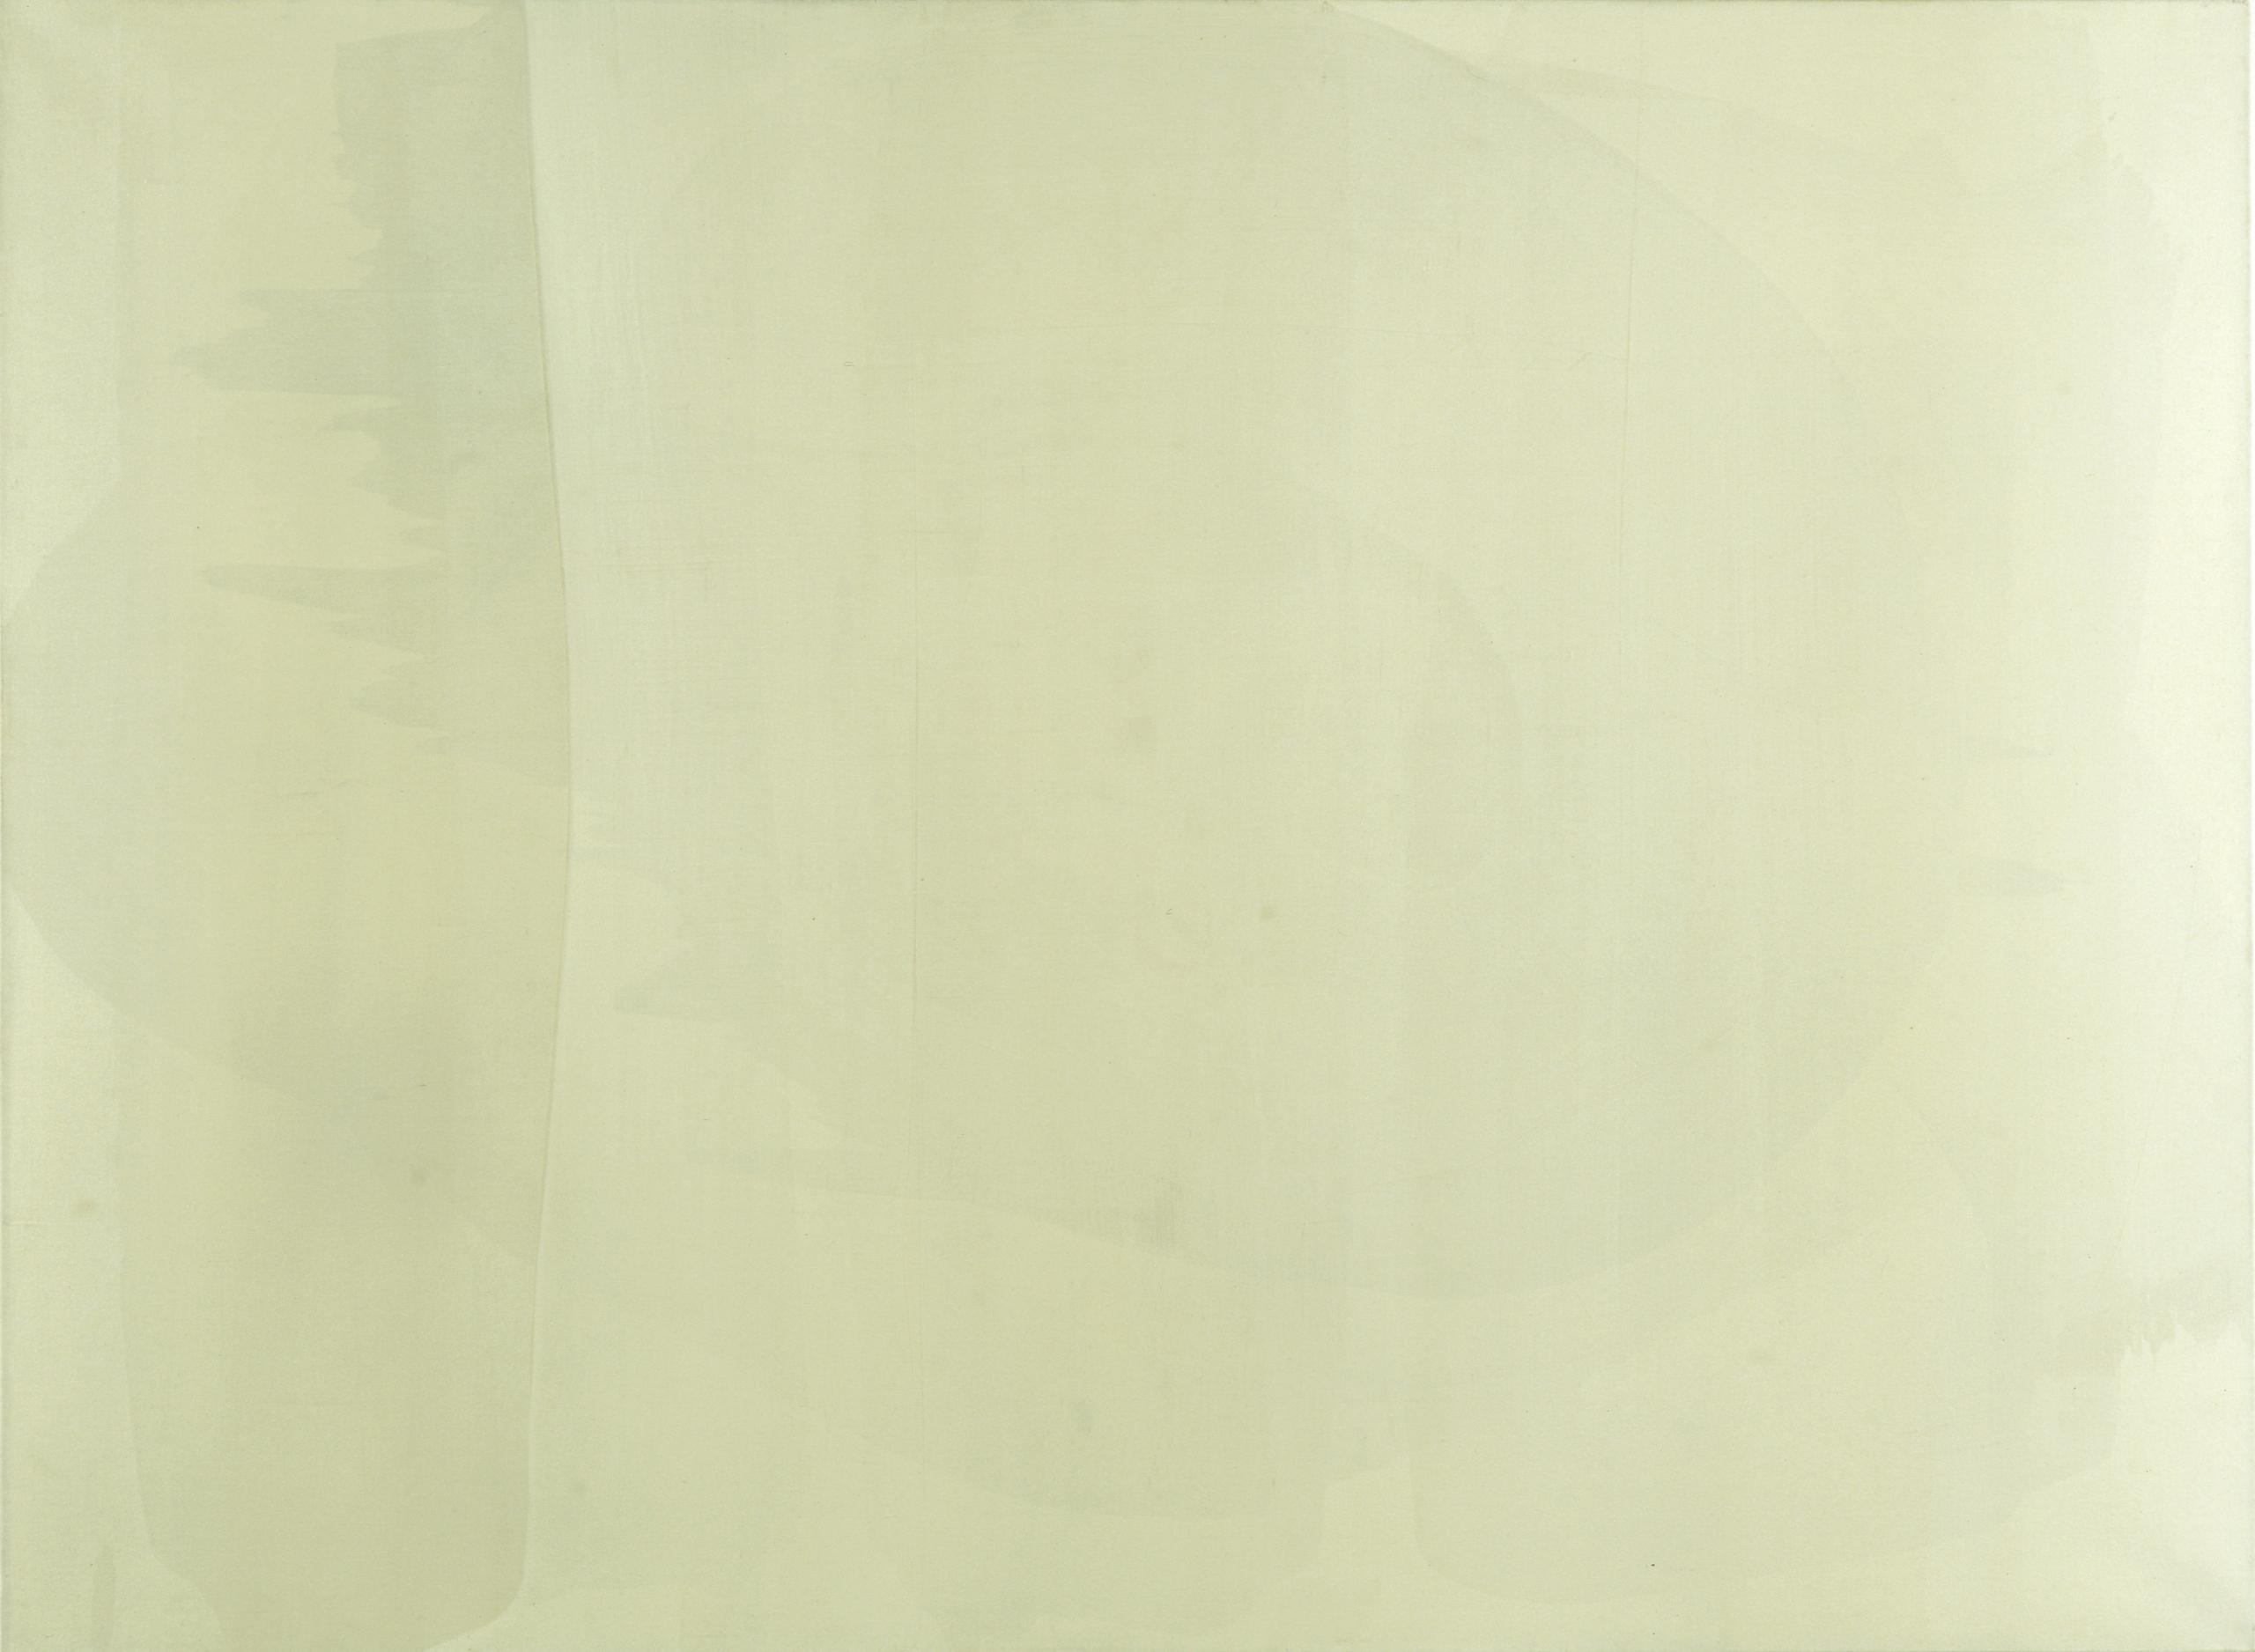 Erwin Bohatsch, Bewegung 2 02/97